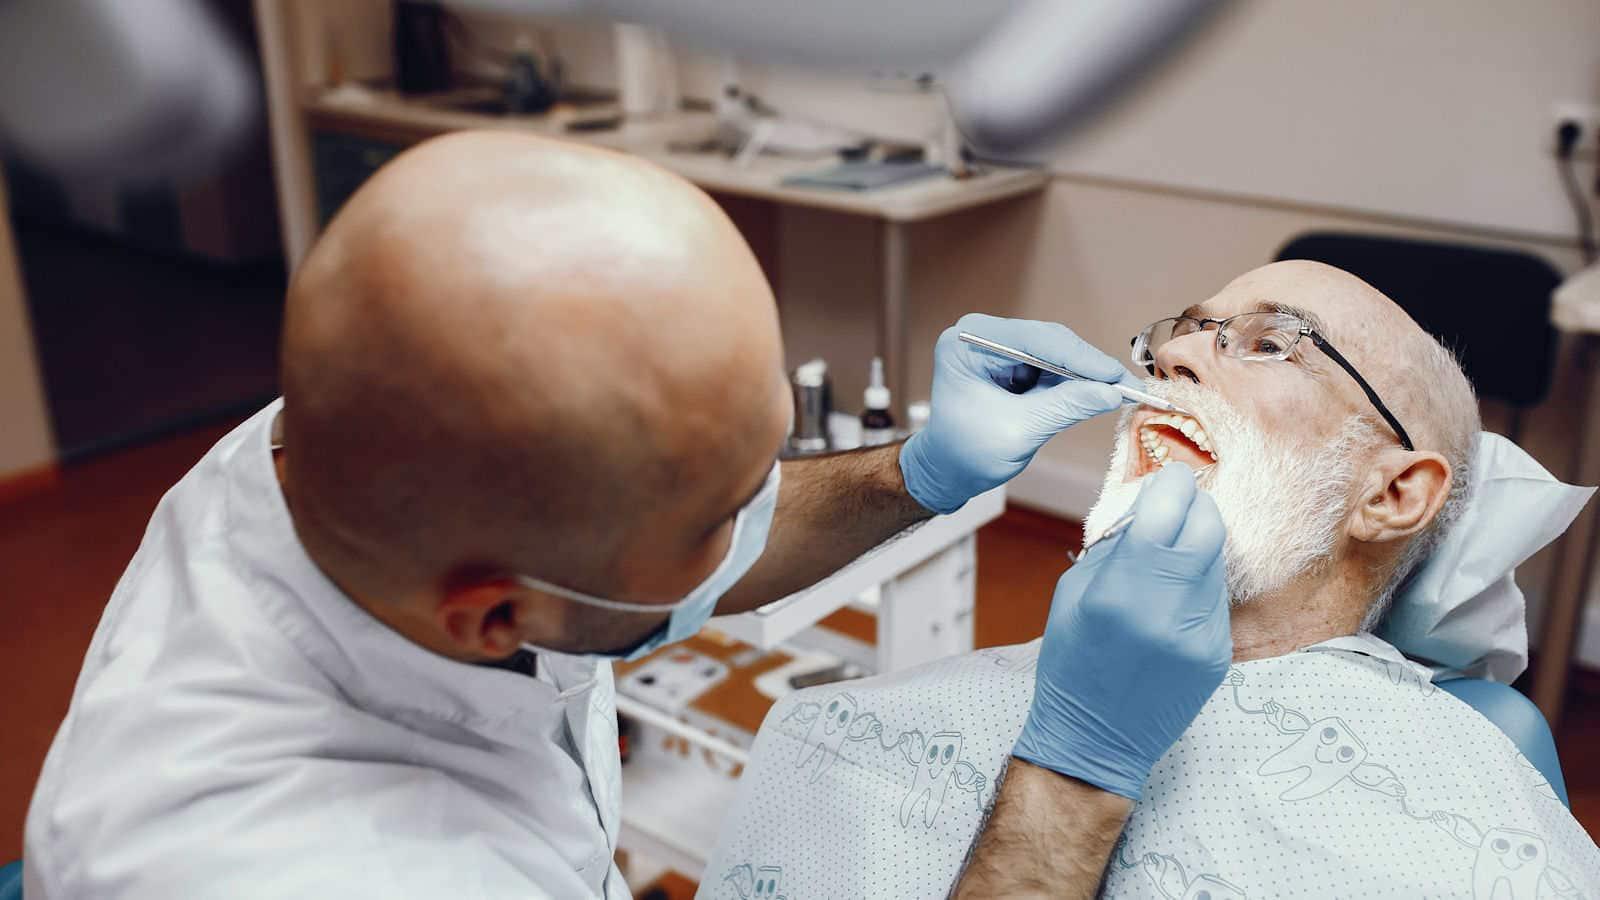 Diamond Dental and Associates of Oldsmar